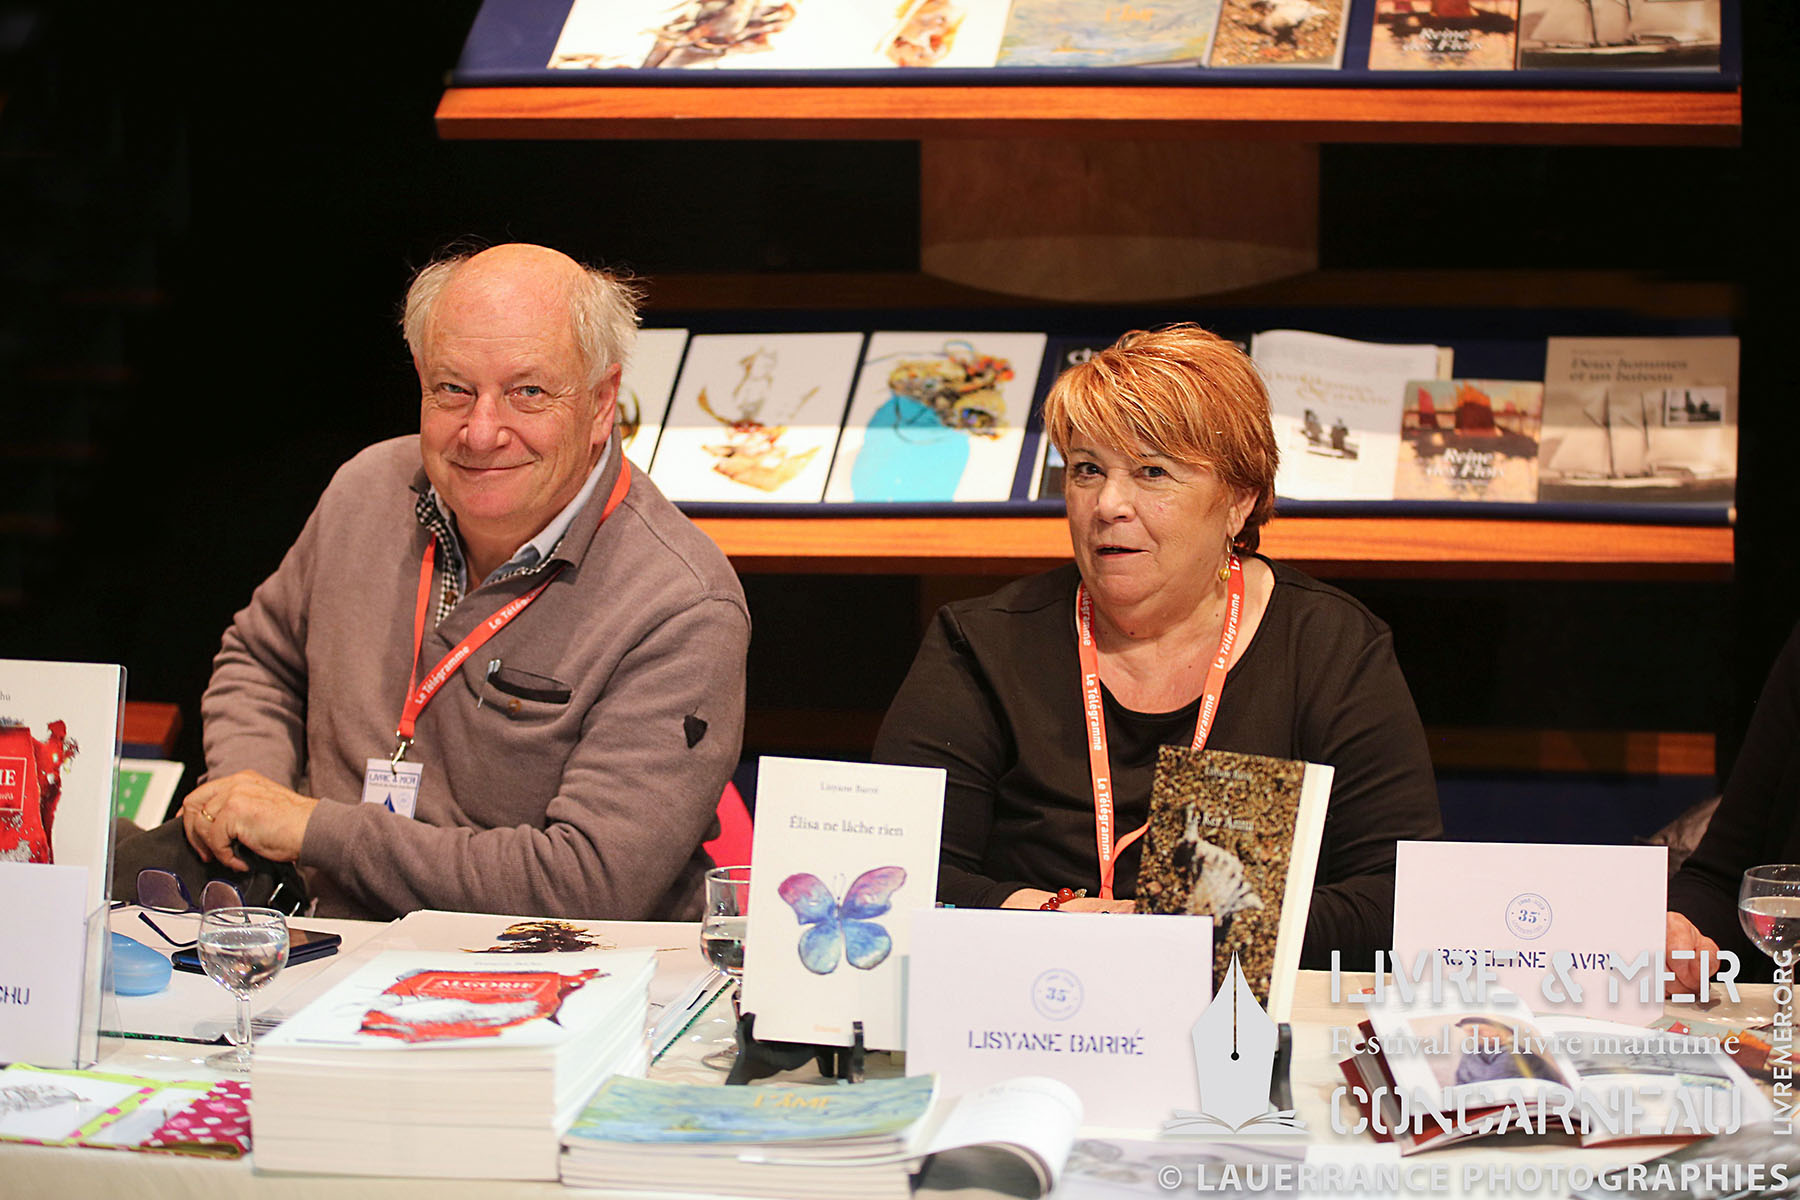 François Béchu & Lisyane Barré © Lauerrance Photographies